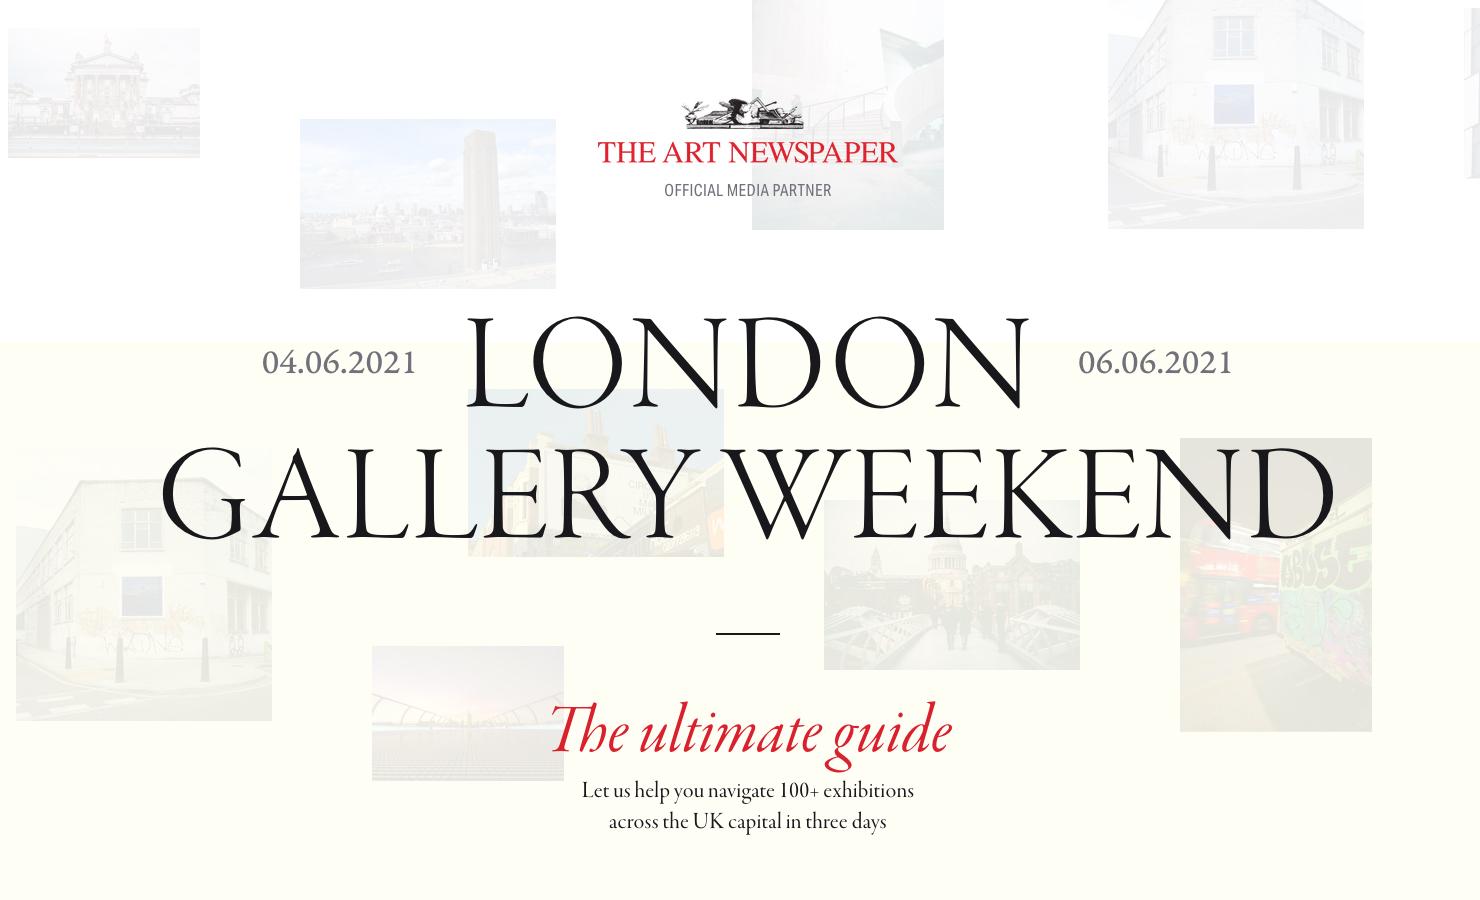 London Gallery Weekend 2021